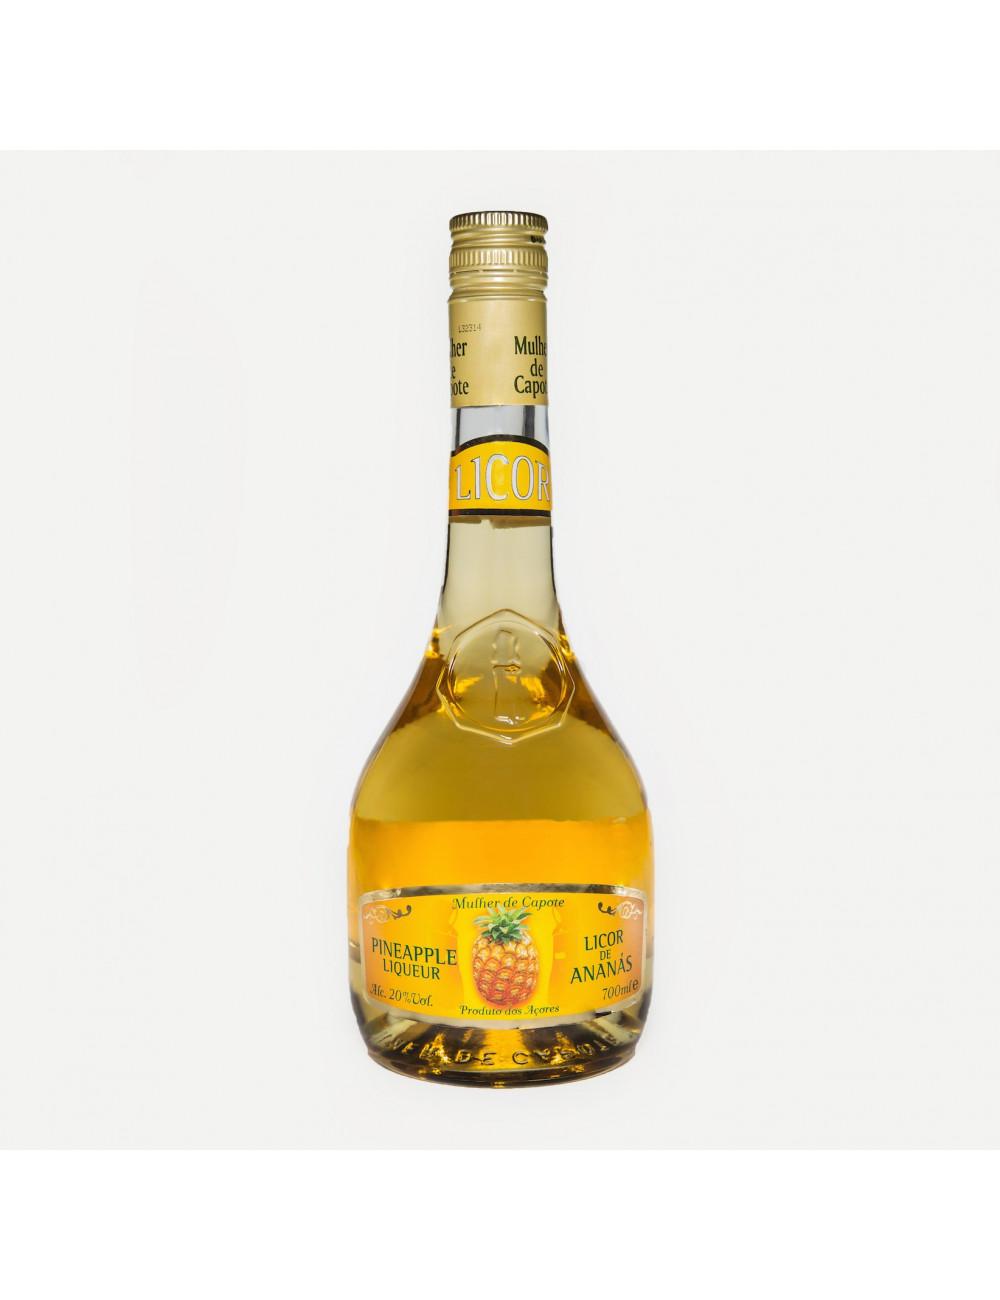 Pineapple Liqueur